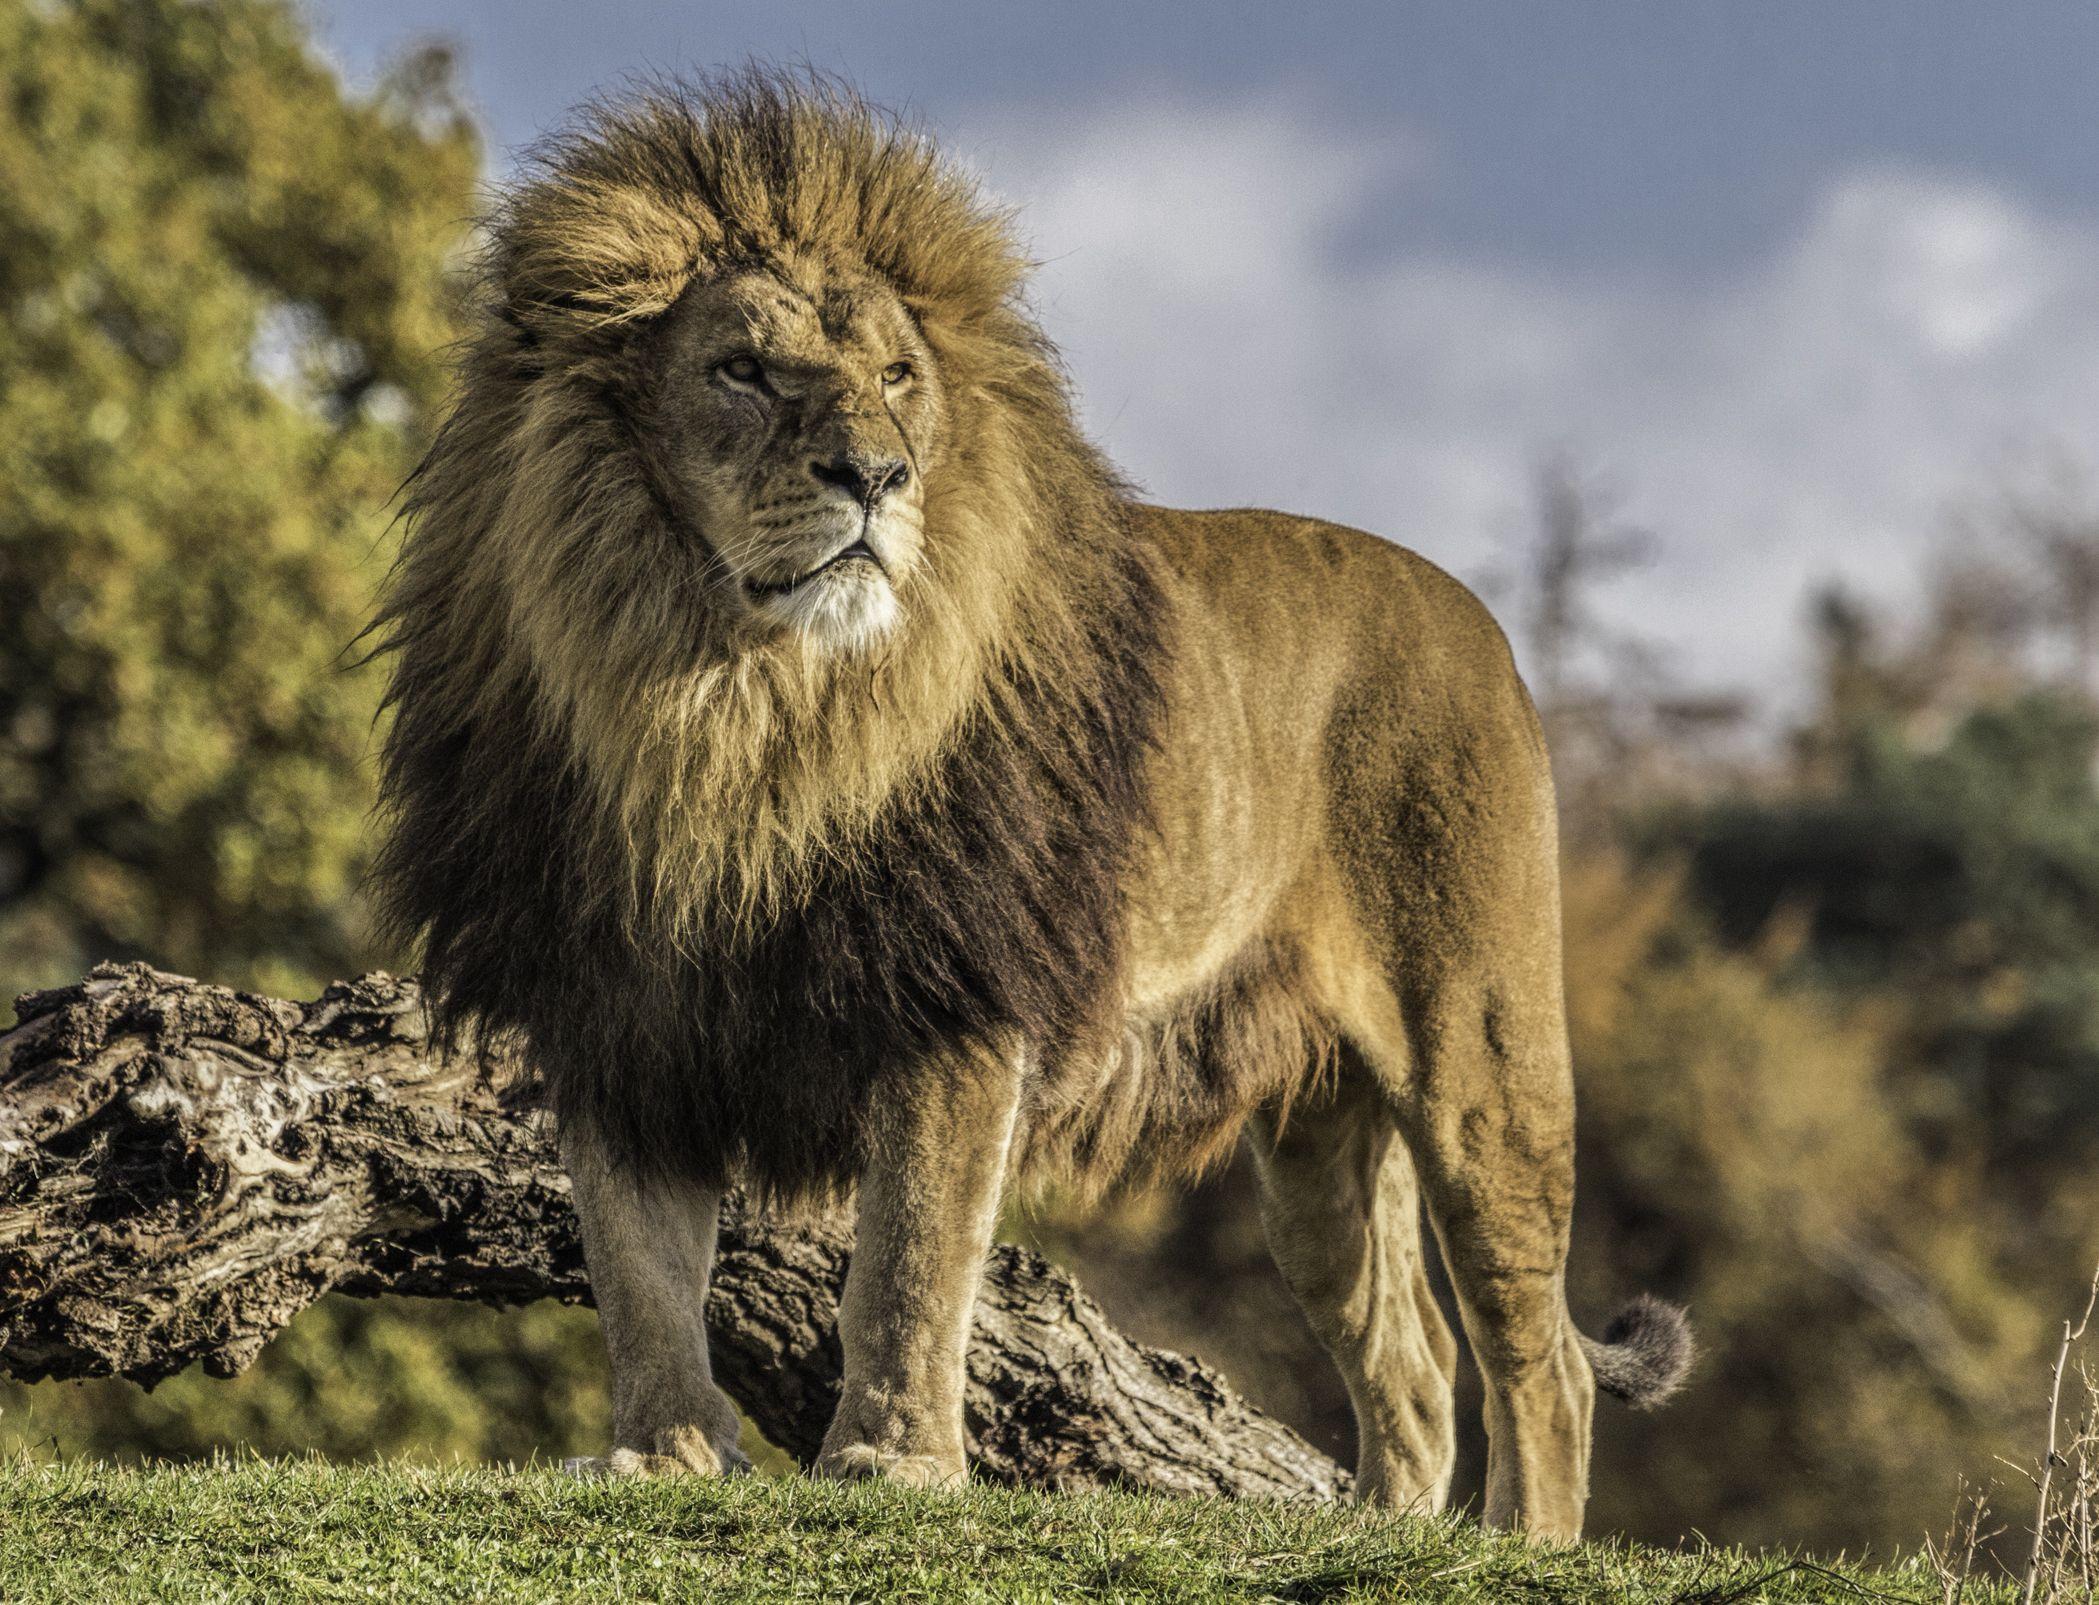 больнице, хорошая картинка льва мансарду своими